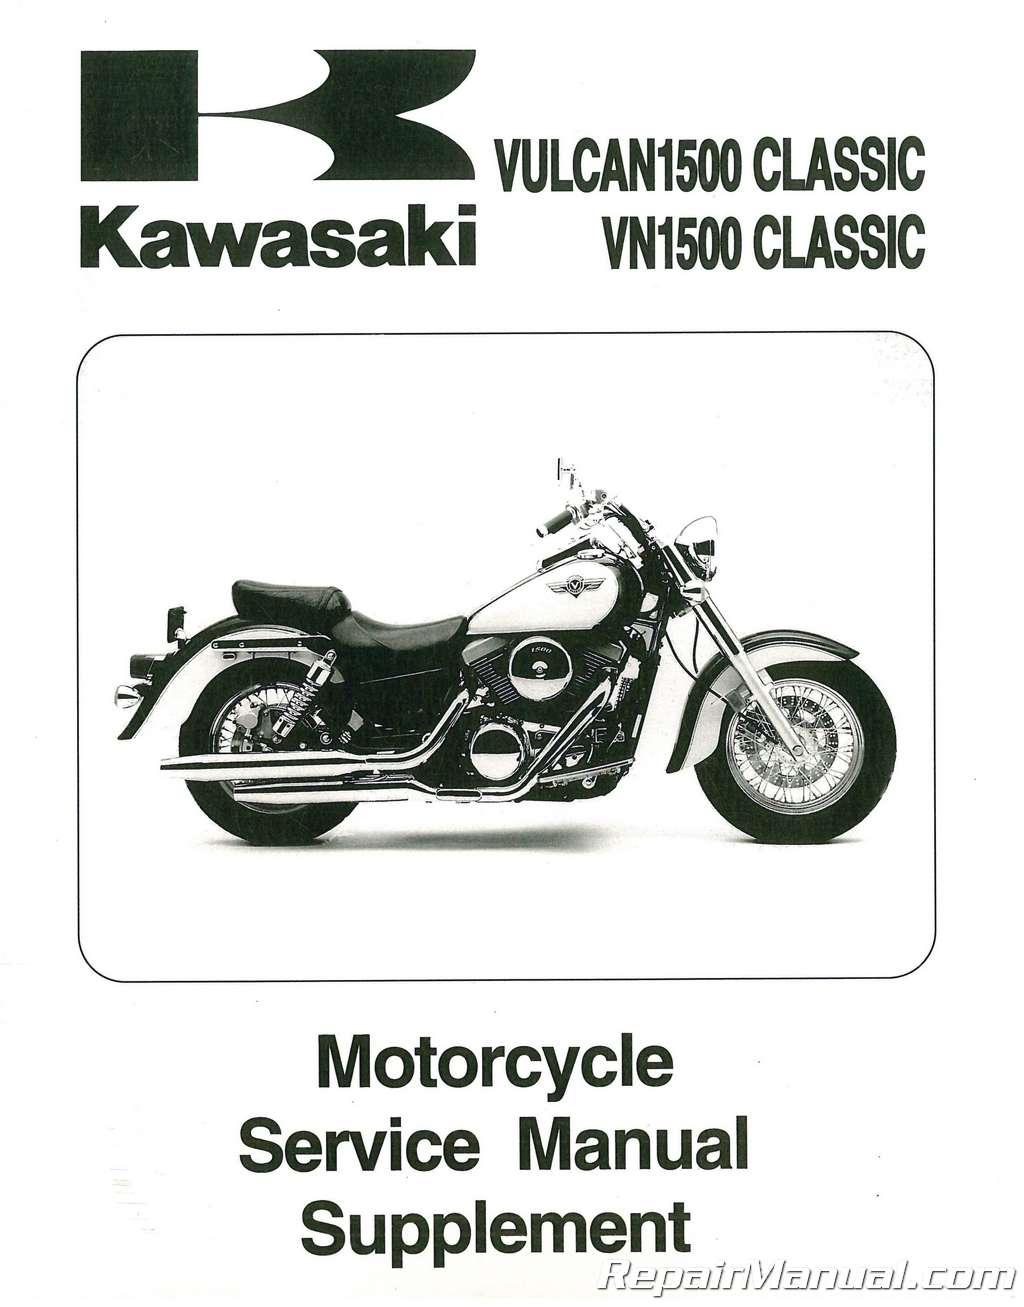 1998 2002 kawasaki vulcan classic 1500 service manual supplement rh repairmanual com 97 kawasaki vulcan 1500 classic service manual 1998 kawasaki vulcan 1500 classic service manual